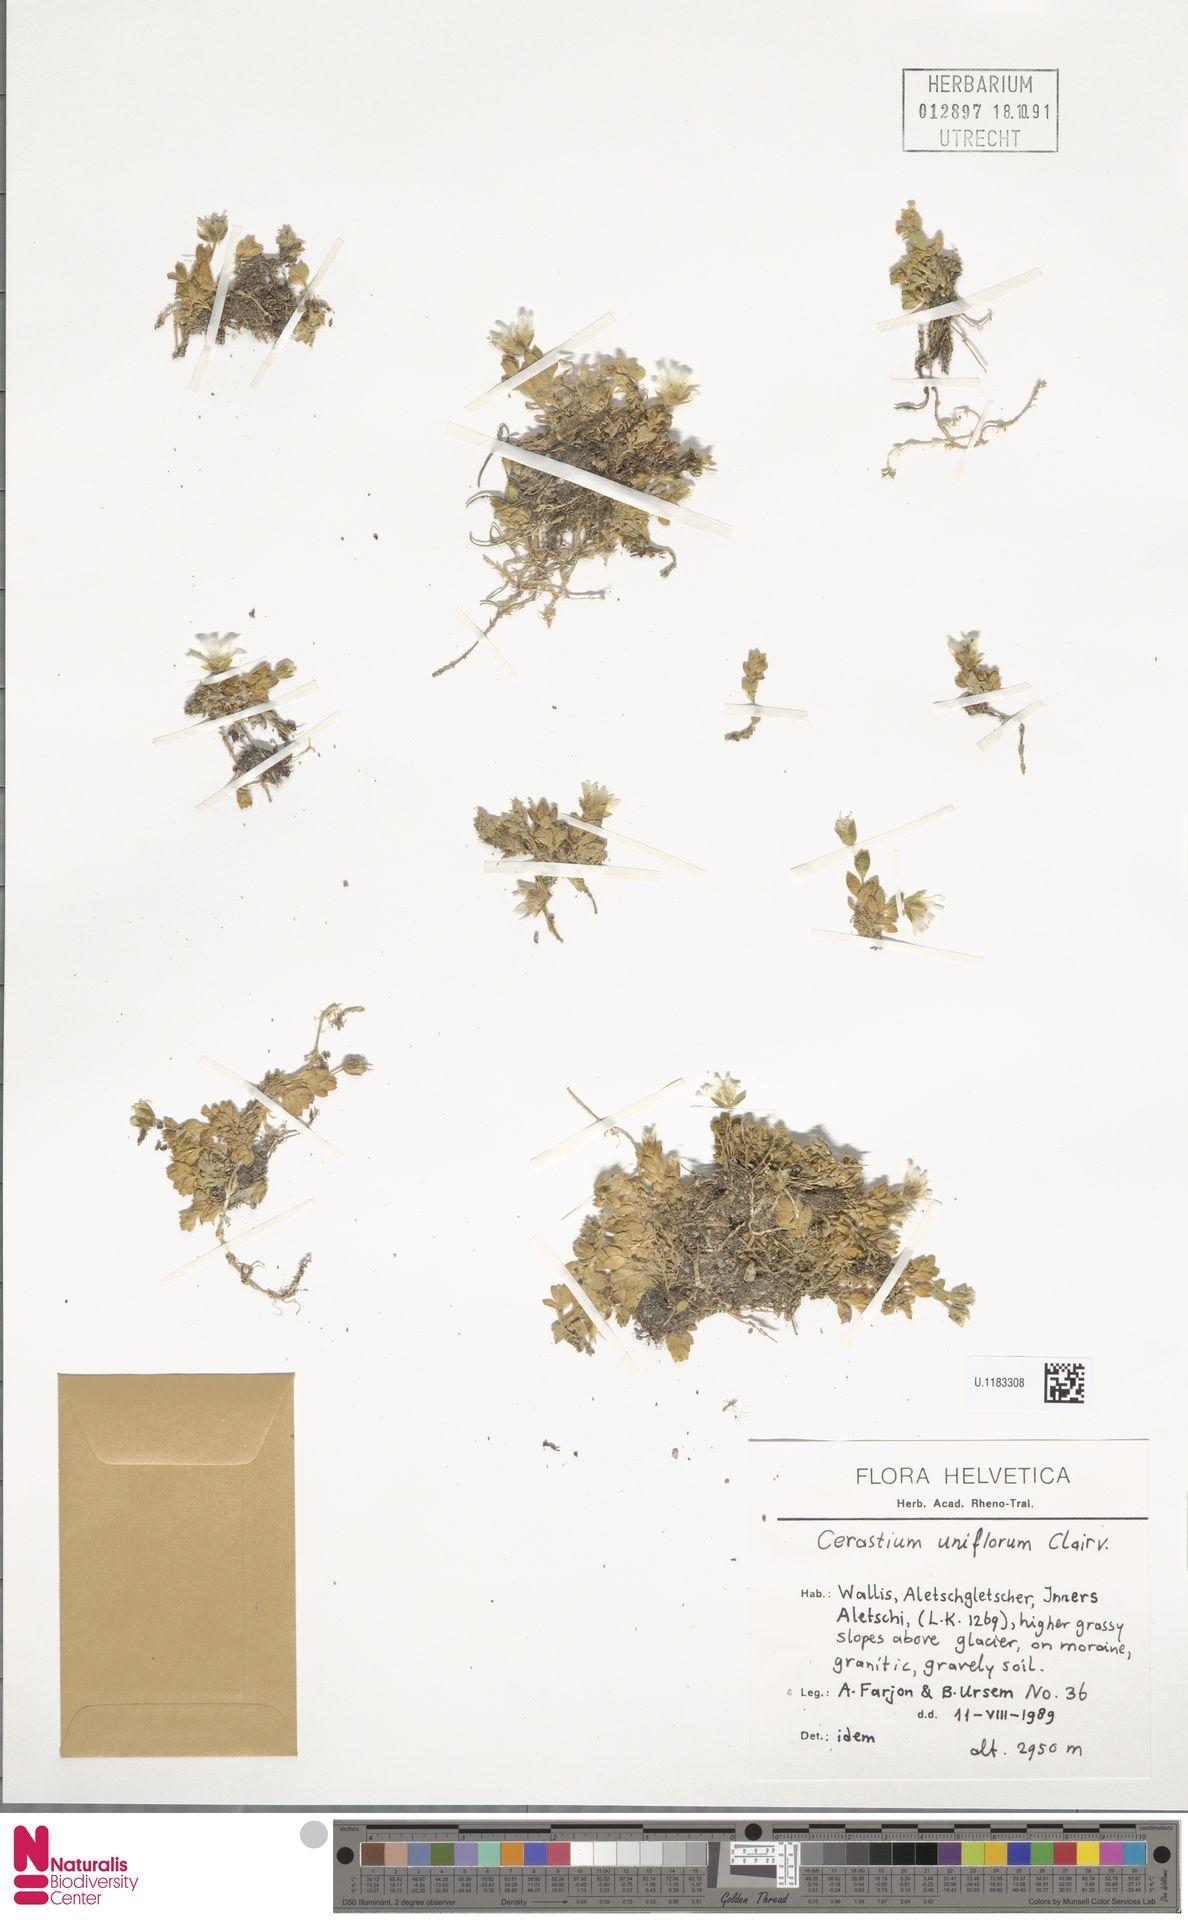 U.1183308 | Cerastium uniflorum Clairv.